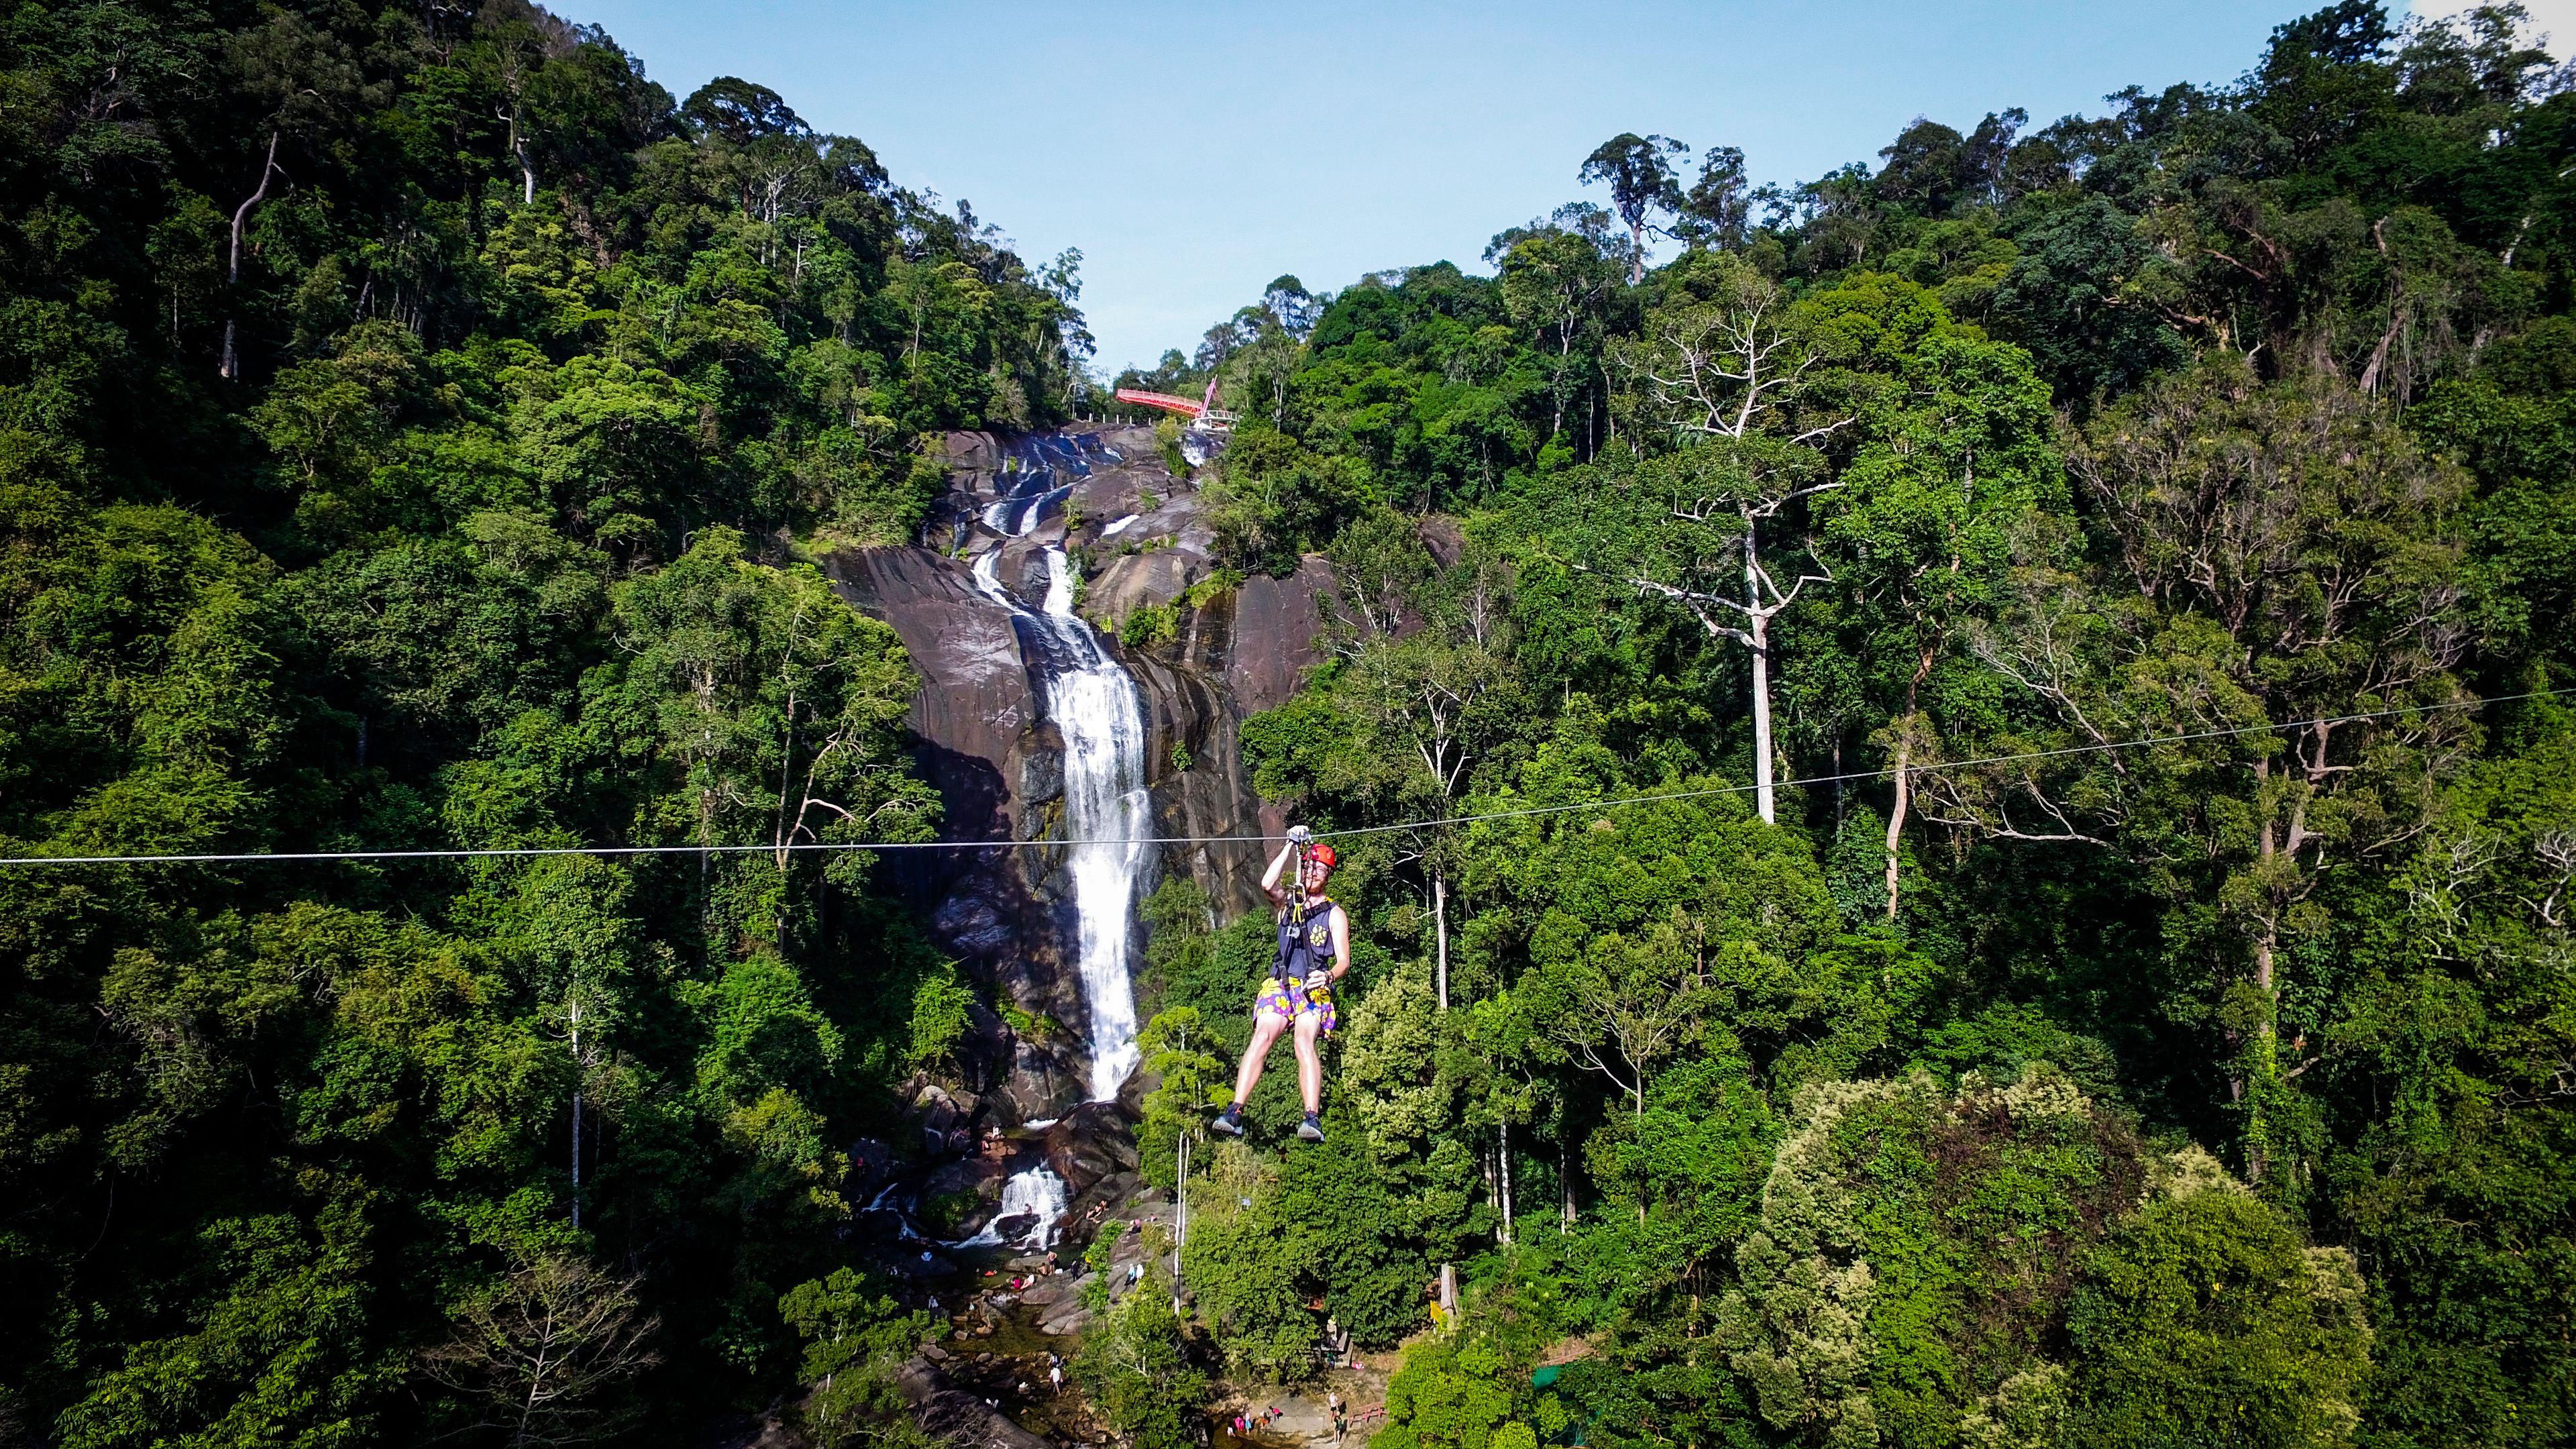 Zip line Eco Adventure - Big Waterfall Adventure